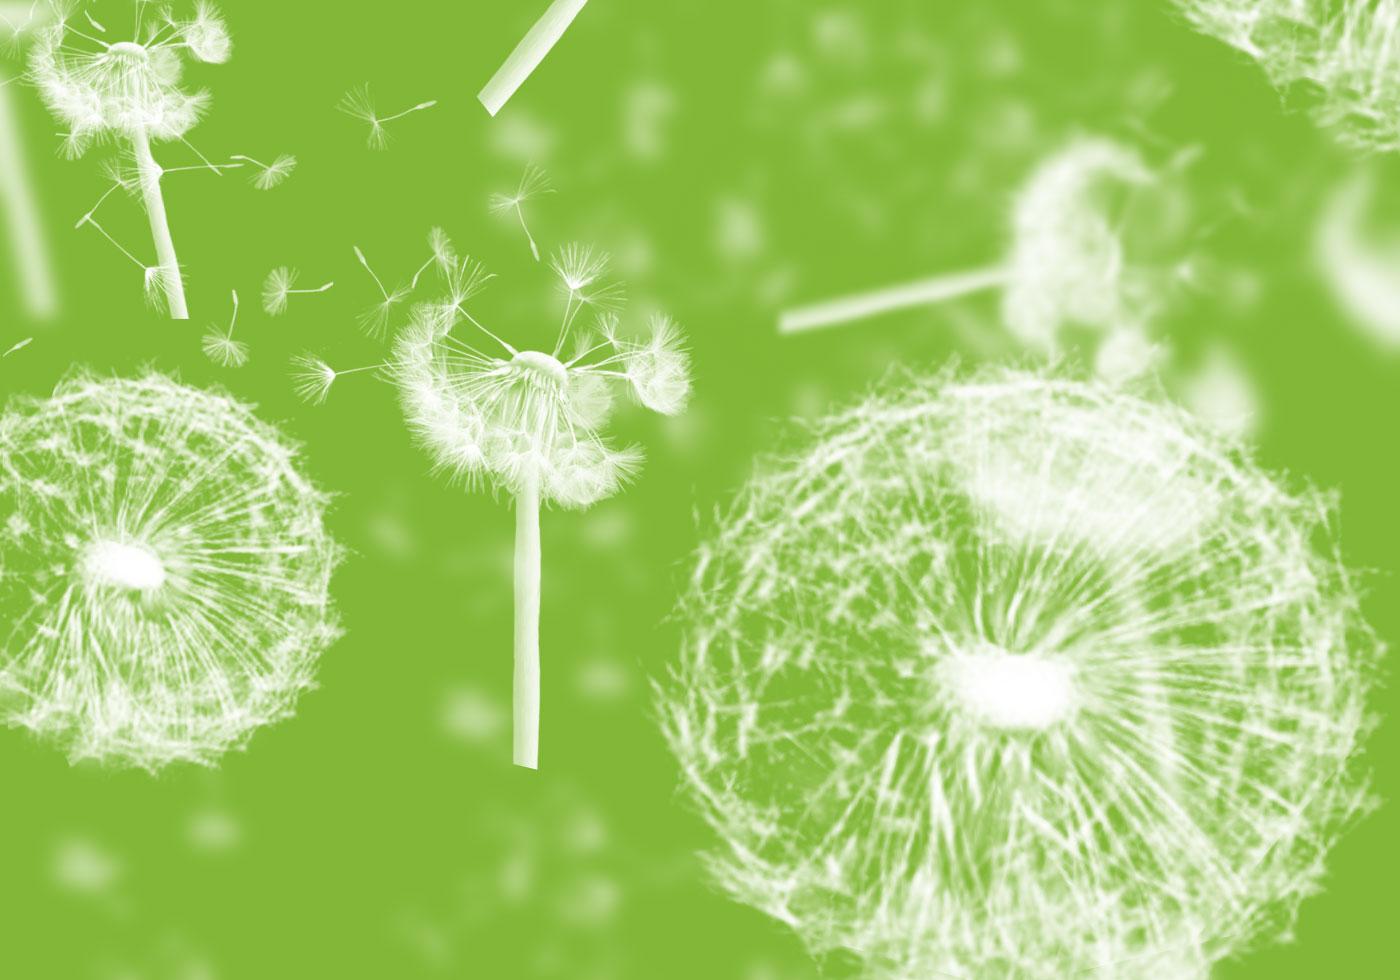 Dandelions-photoshop-brushes